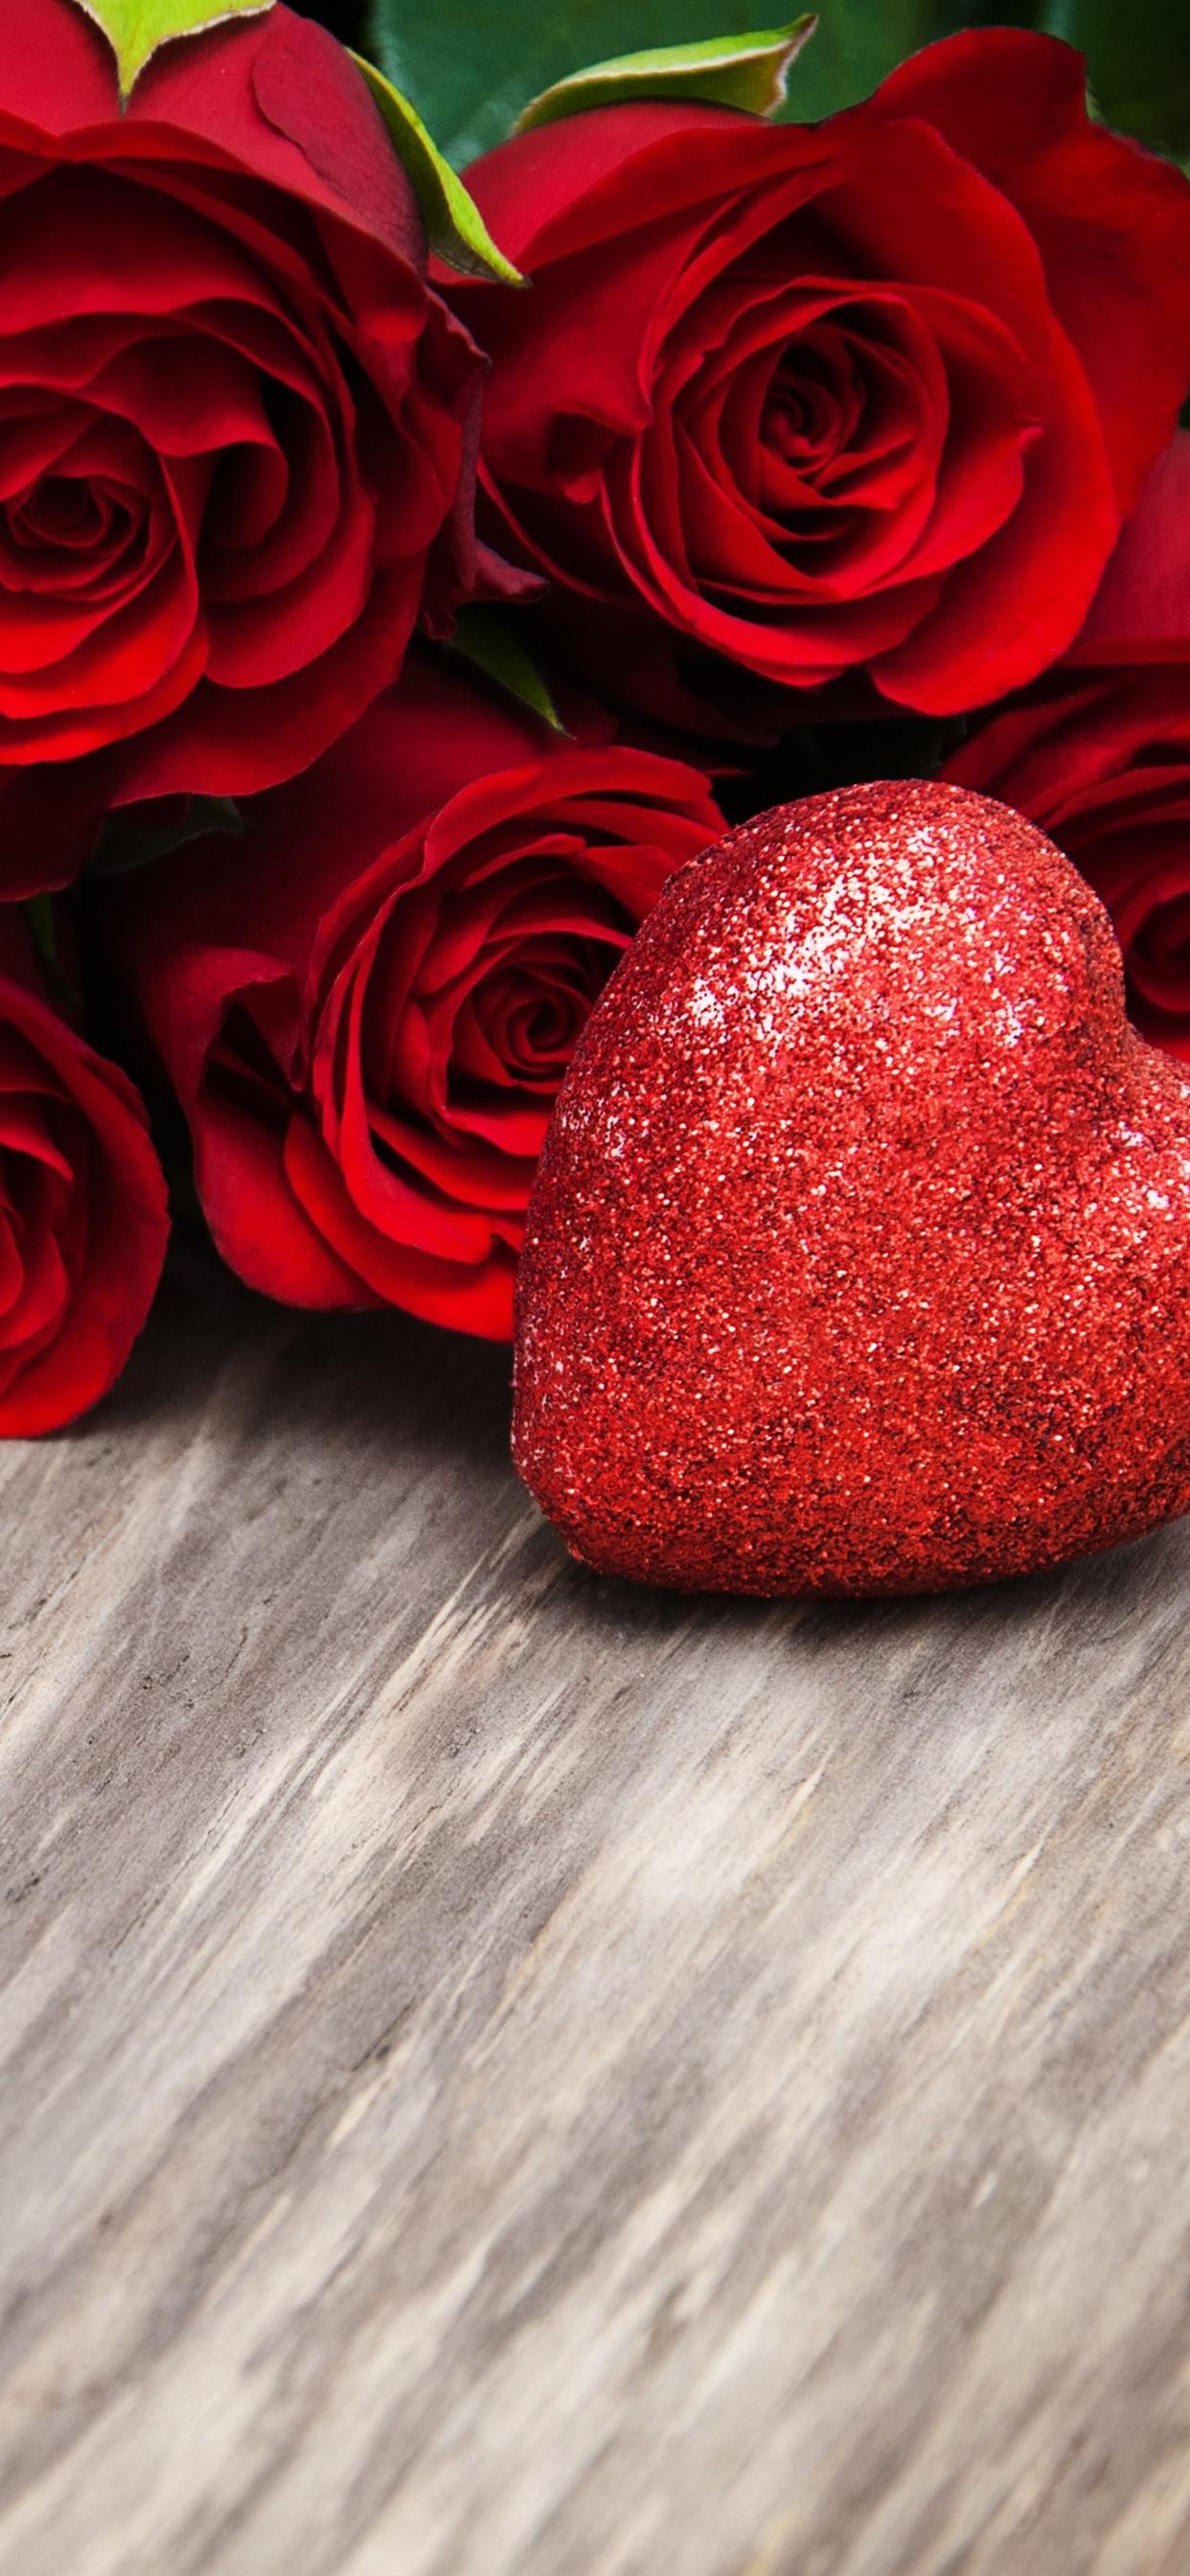 Важность романтики в отношениях